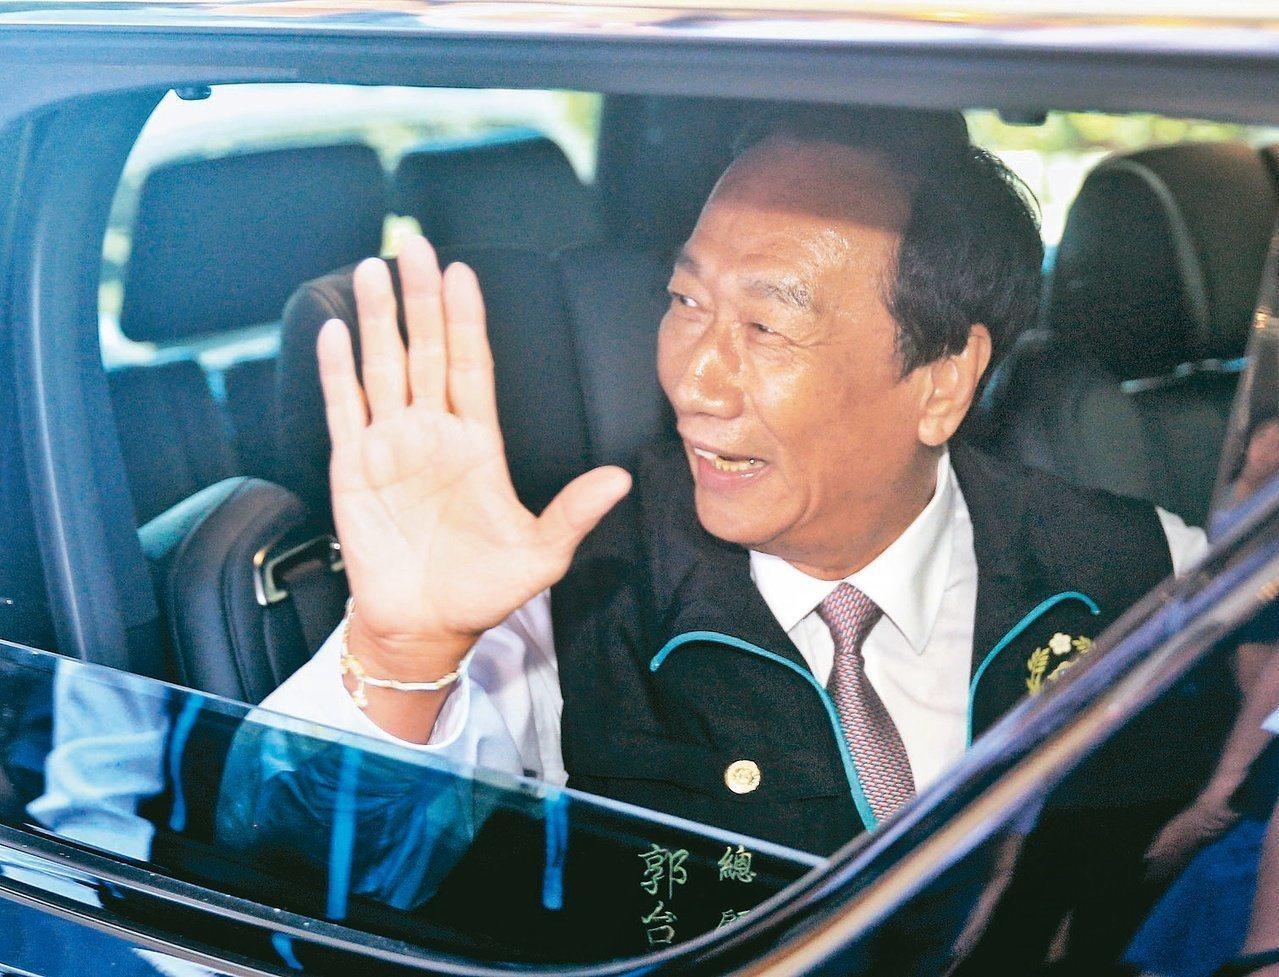 鴻海集團創辦人郭台銘昨晚宣布不參與2020連署競選總統。 本報資料照